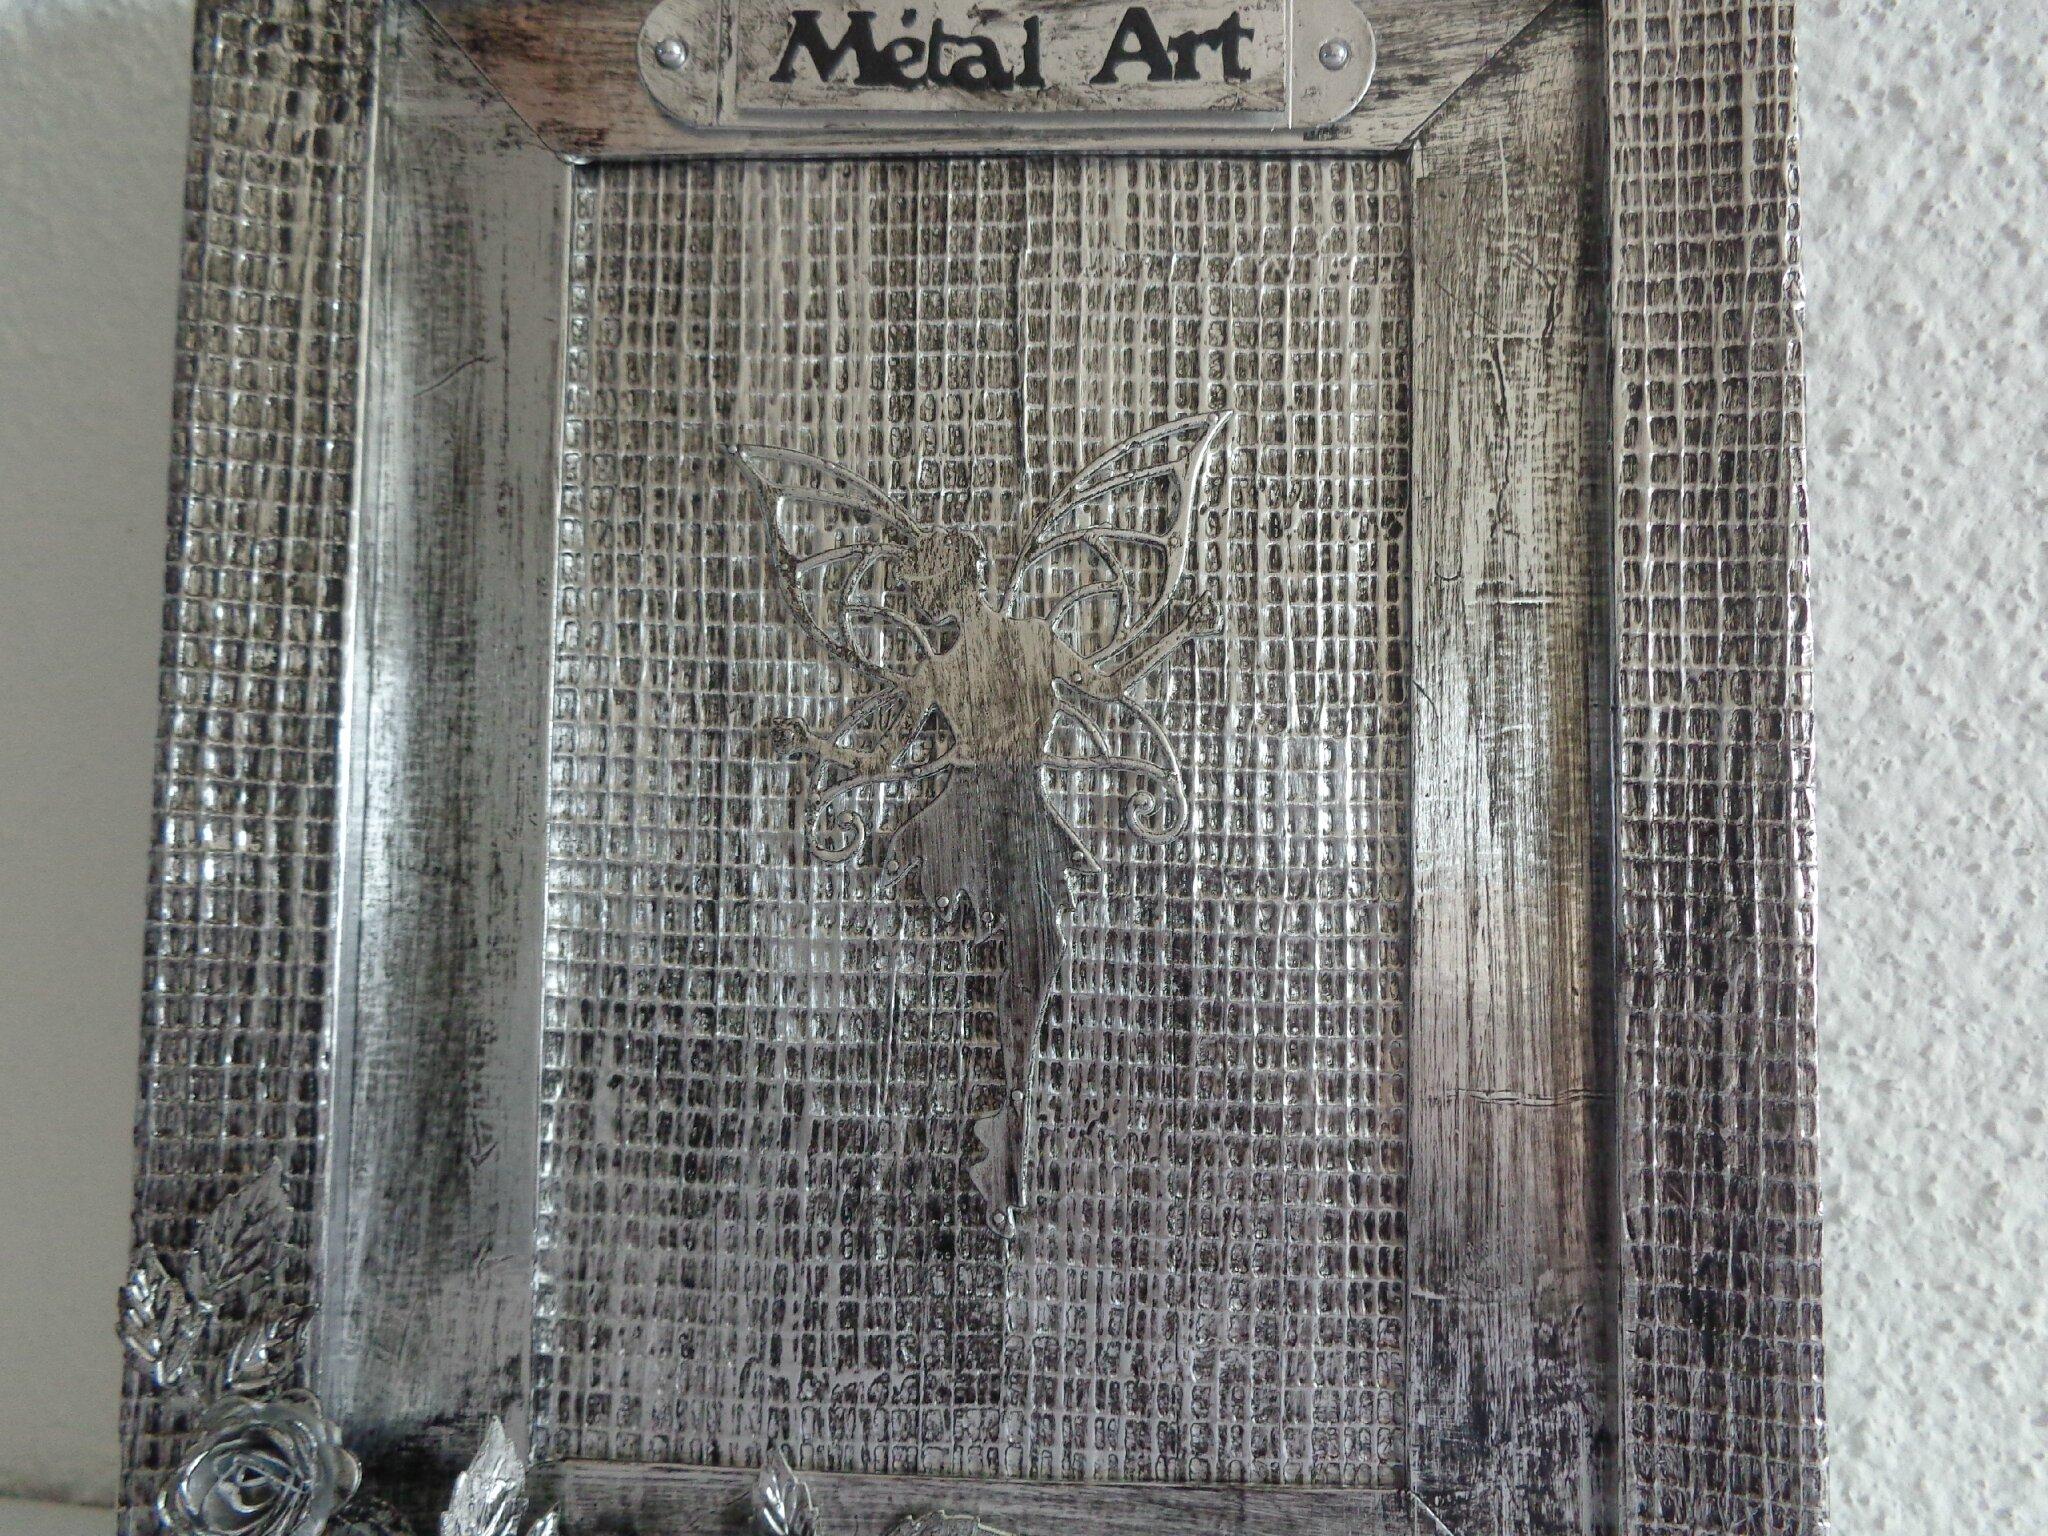 Cadre f e m tal art les cr ations d co de marsouille - Attache cadre autocollant ...